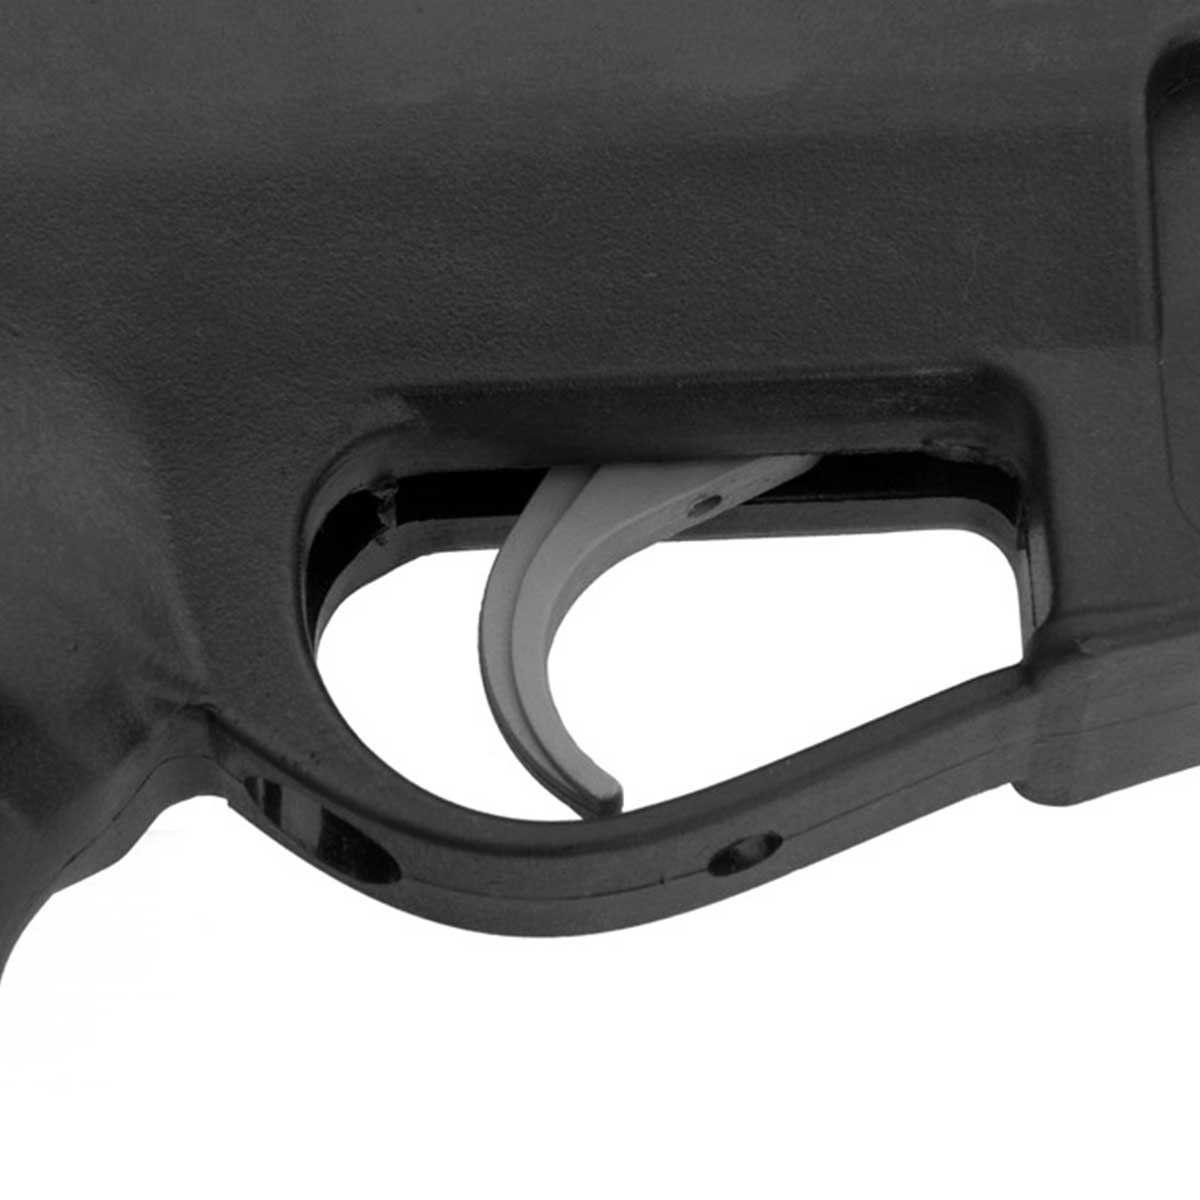 Carabina de Pressão Hatsan Airtact 5,5mm + Capa